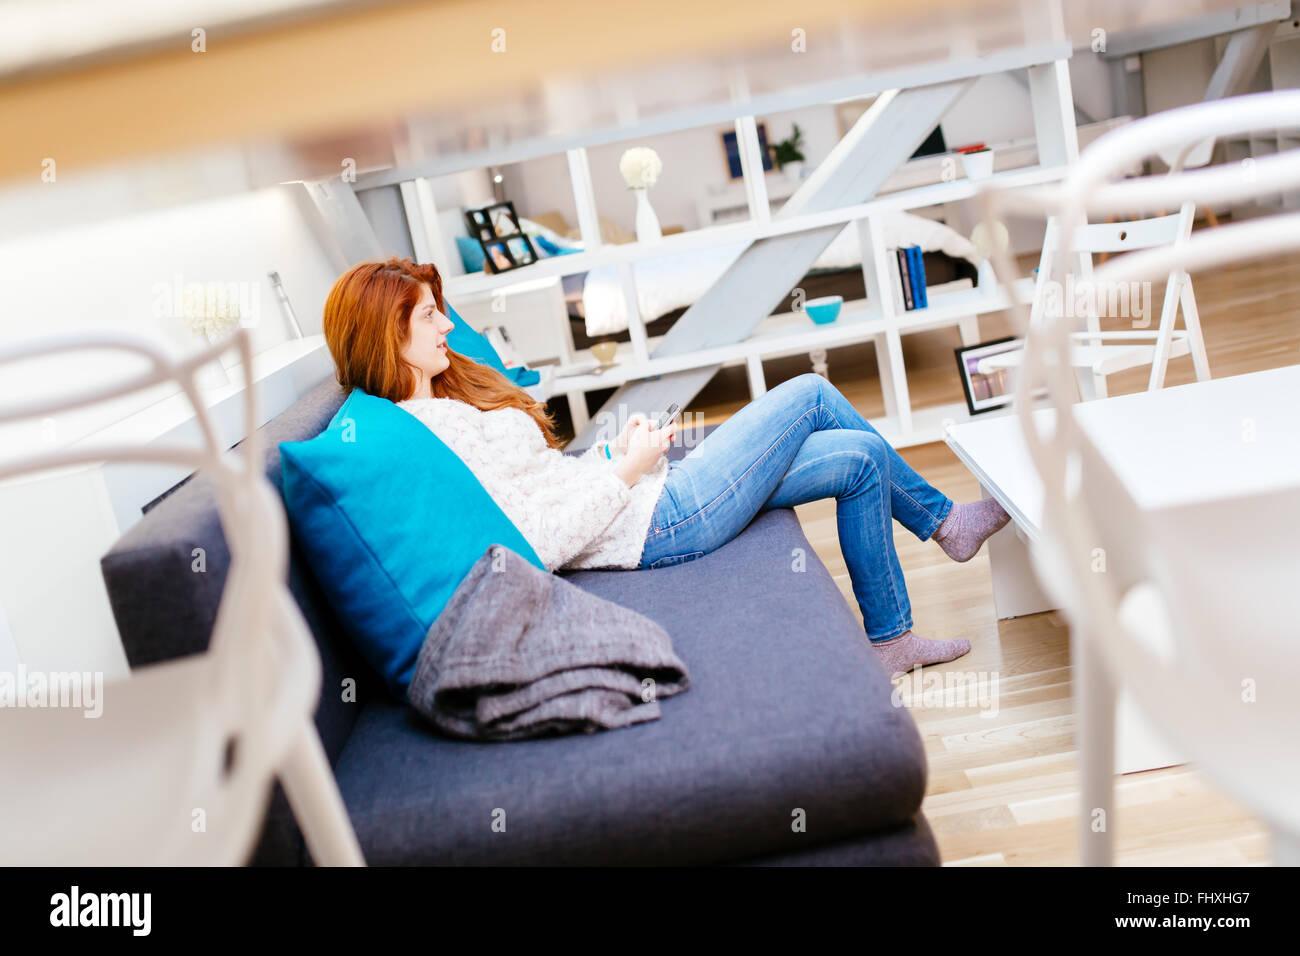 Hermosa mujer de pelo rojo utilizando el teléfono mientras está sentado en el sofá Foto de stock